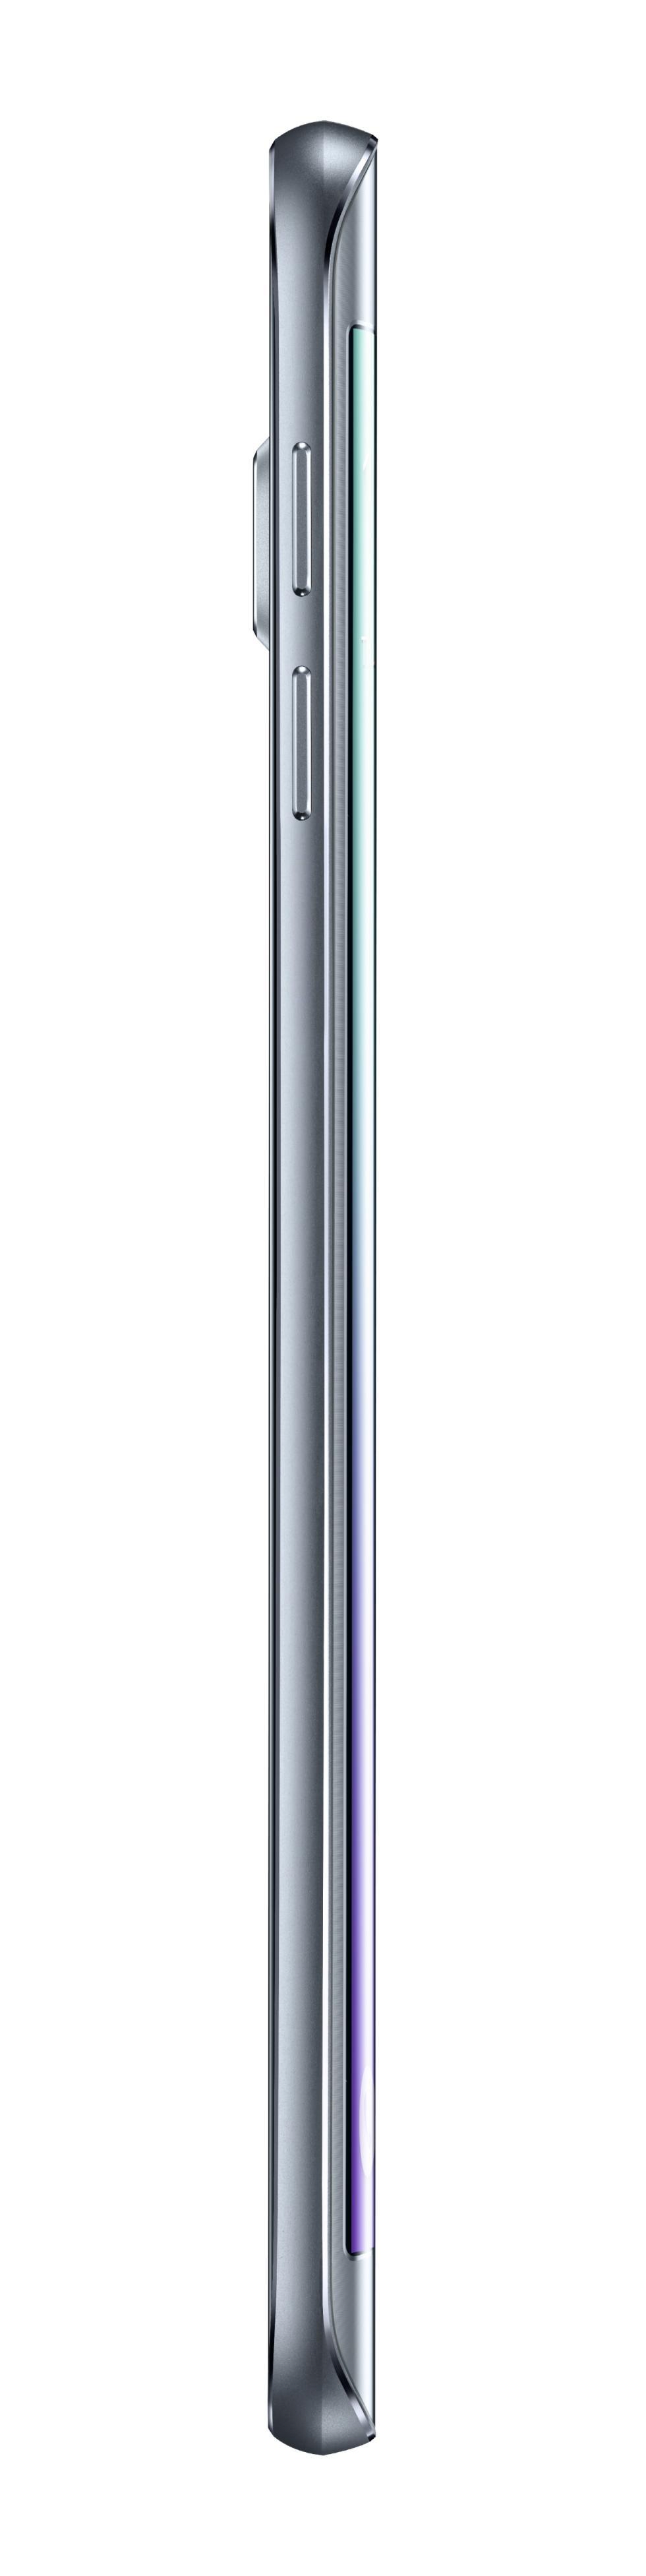 Samsung Galaxy S6 Edge+ Silver Titanium